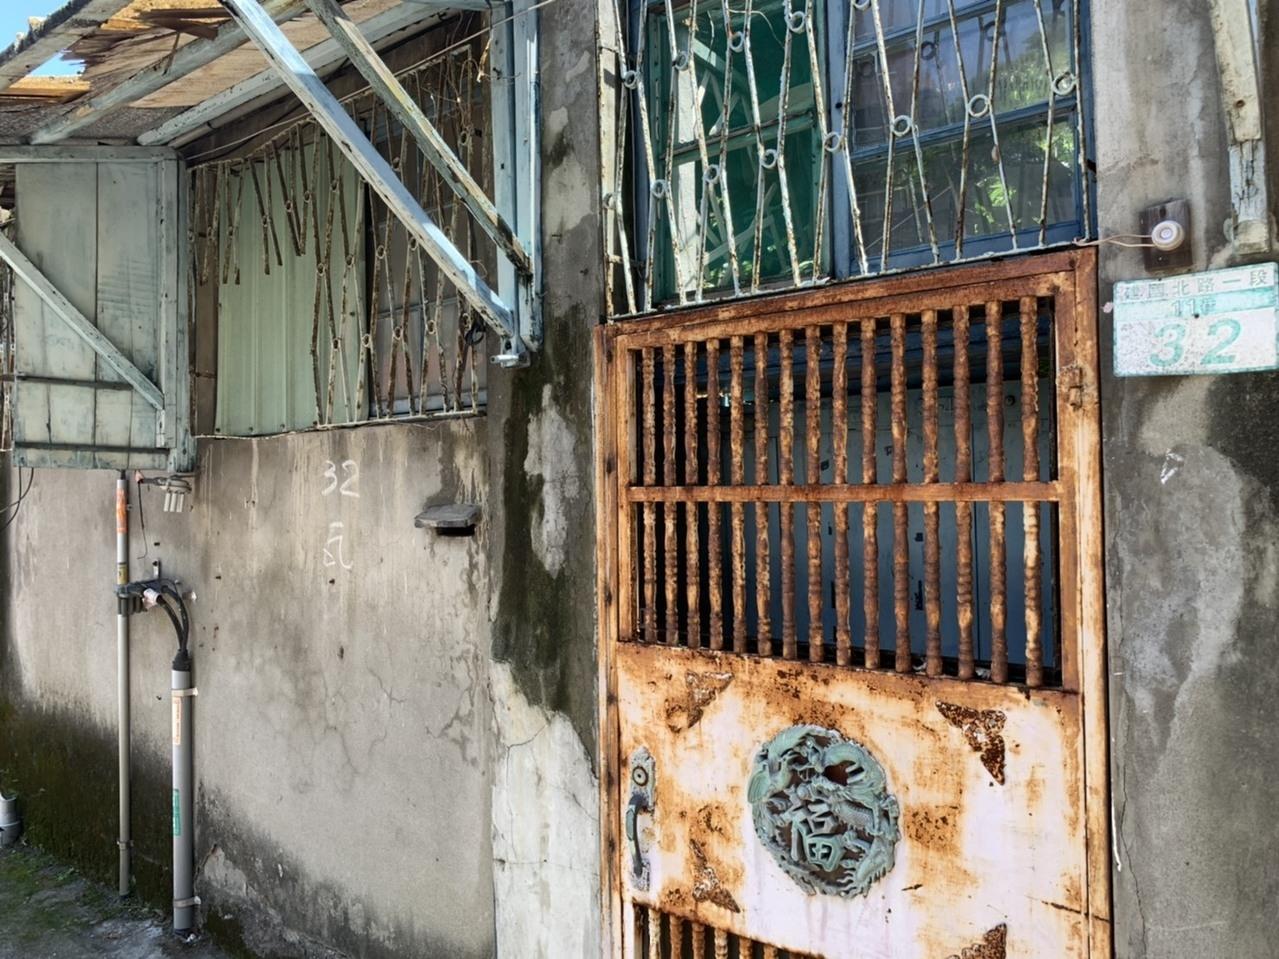 鐵路局機務段員工連棟宿舍爭議最大的19戶,文資委員不同意廢止登入歷史建築。記者趙宥寧/攝影